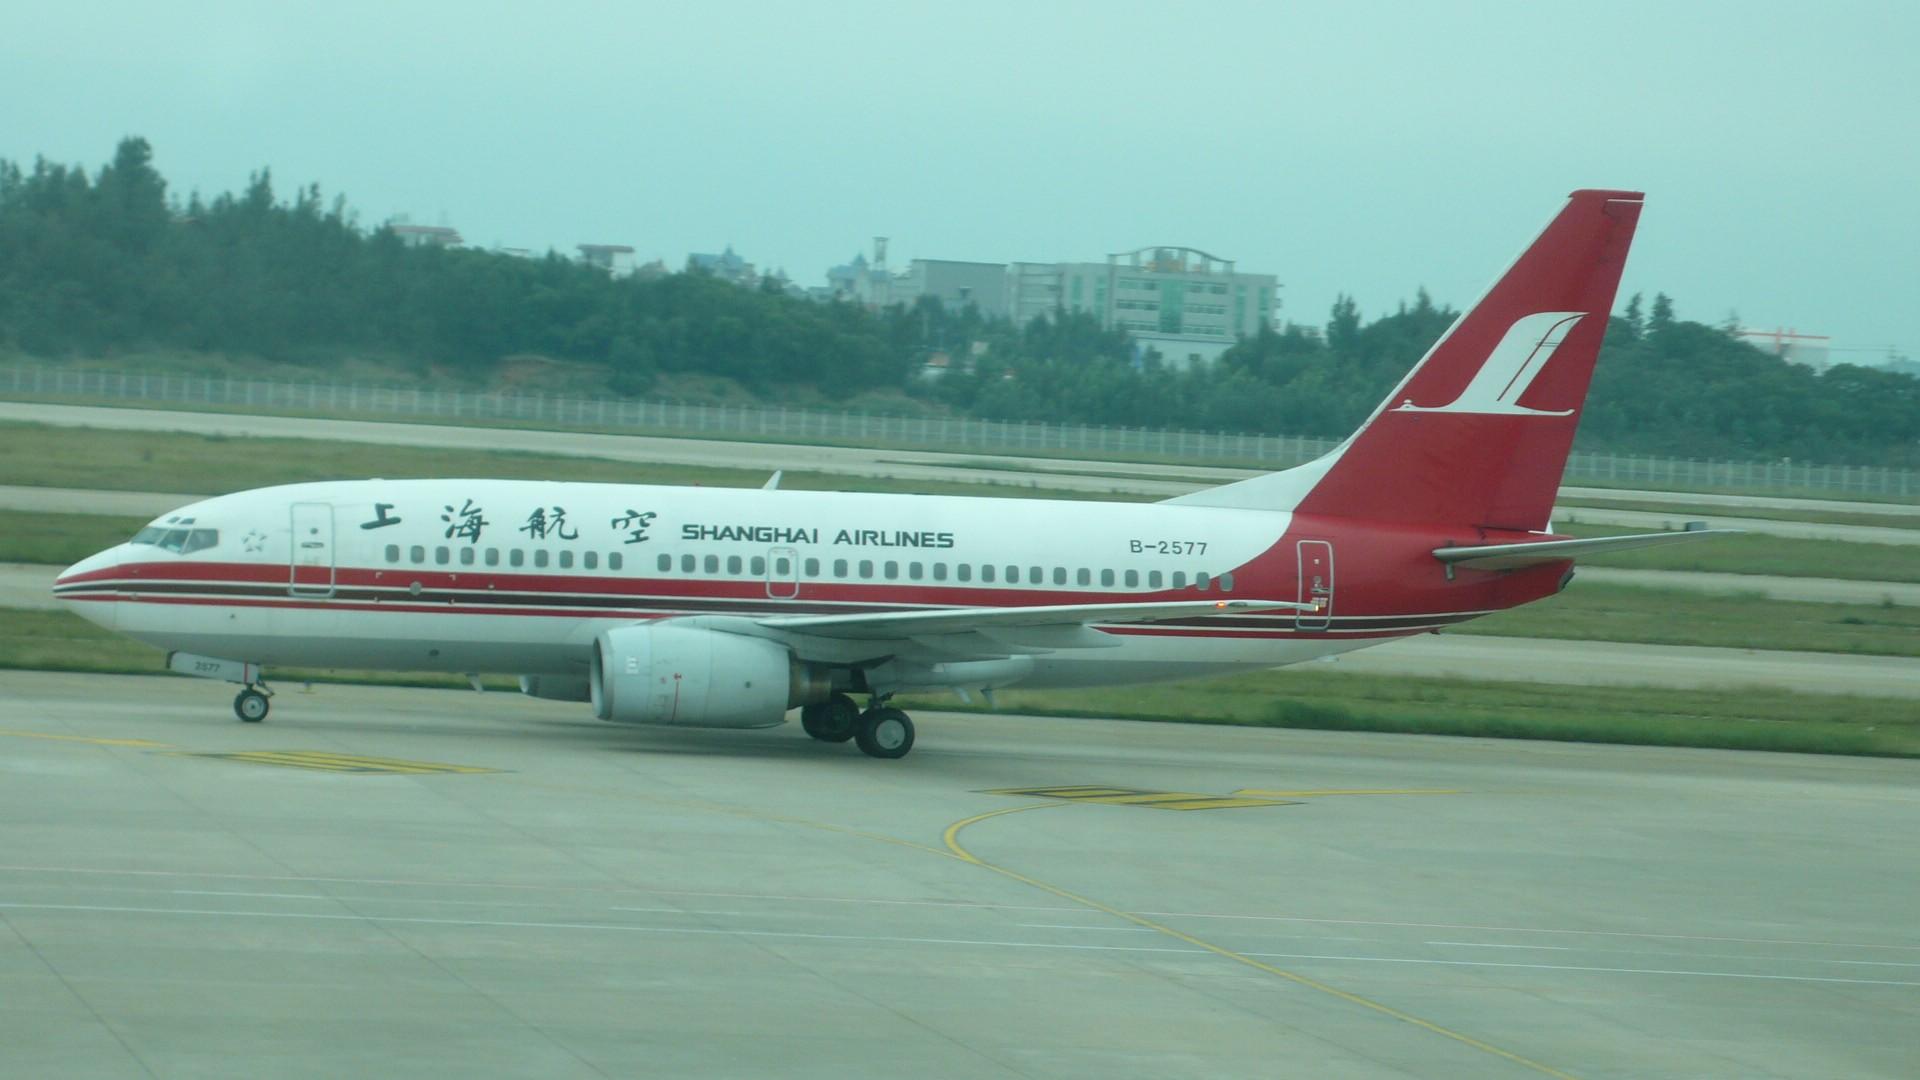 上海航空旅游网_BOEING 737-300 浦东机场 上航飞机,美丽的风景